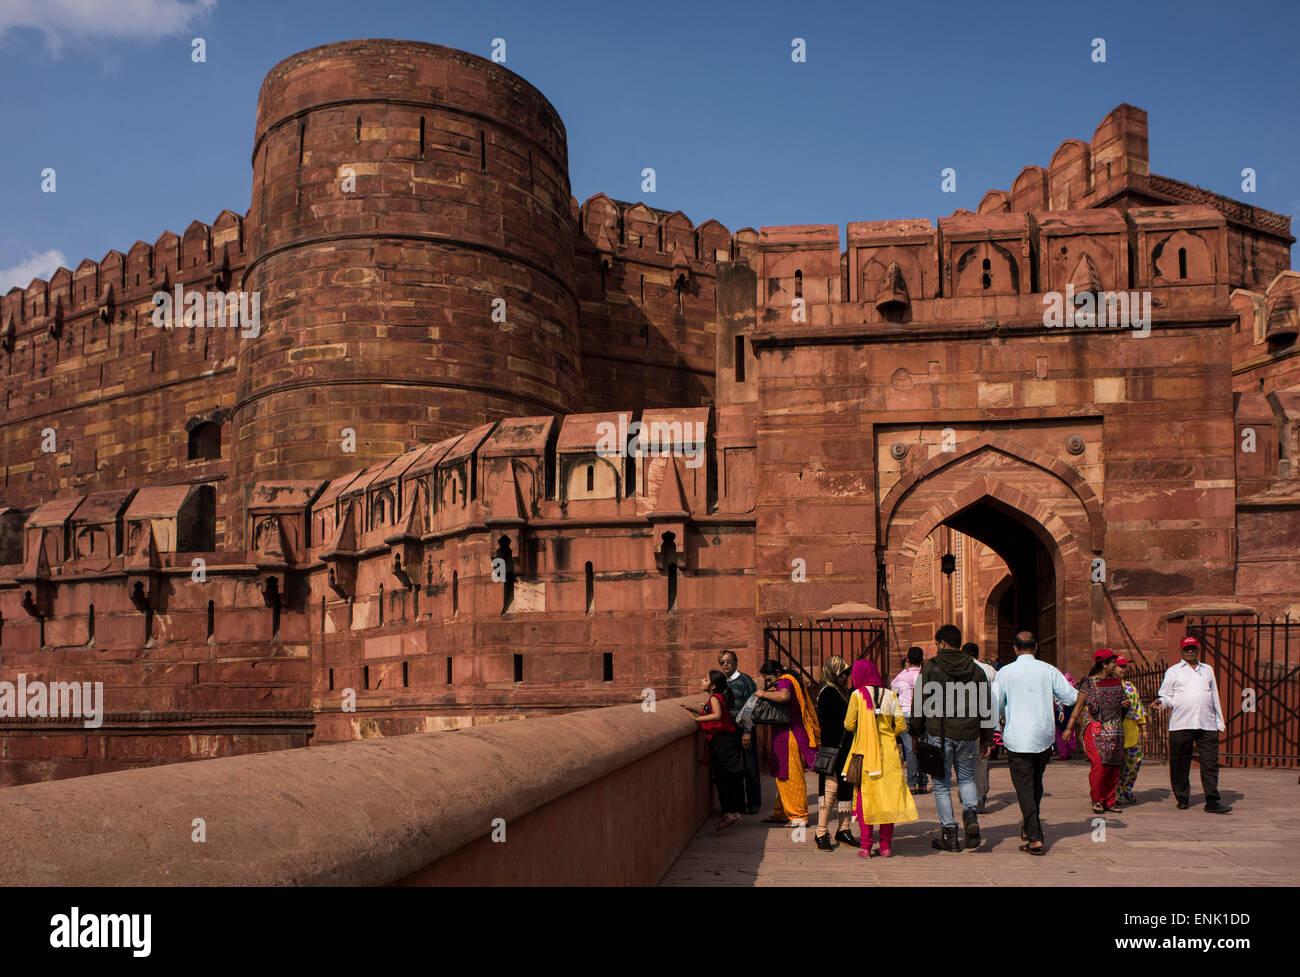 El exterior de la fortaleza de Agra, Sitio del Patrimonio Mundial de la UNESCO, Agra, Uttar Pradesh, India, Asia Imagen De Stock